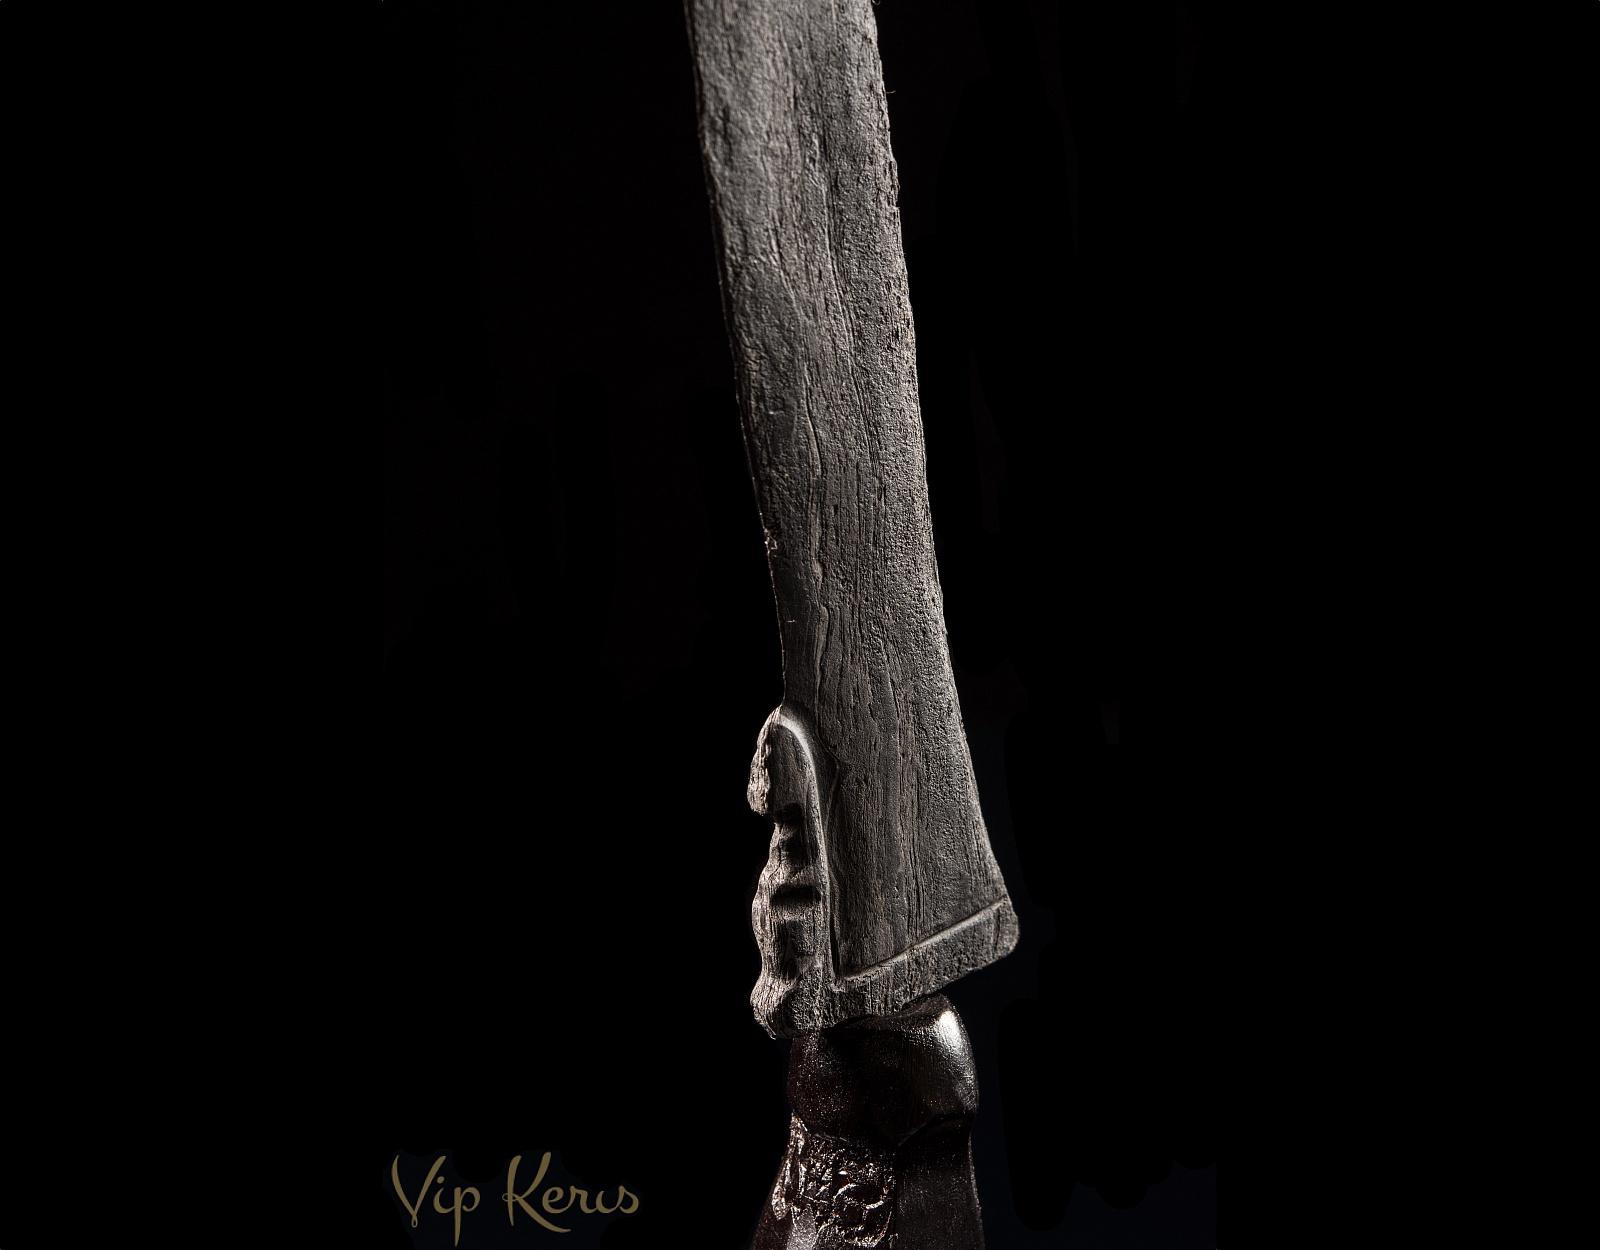 Нож Крис Phutut Sajen, Pengetatan cahaya фото VipKeris